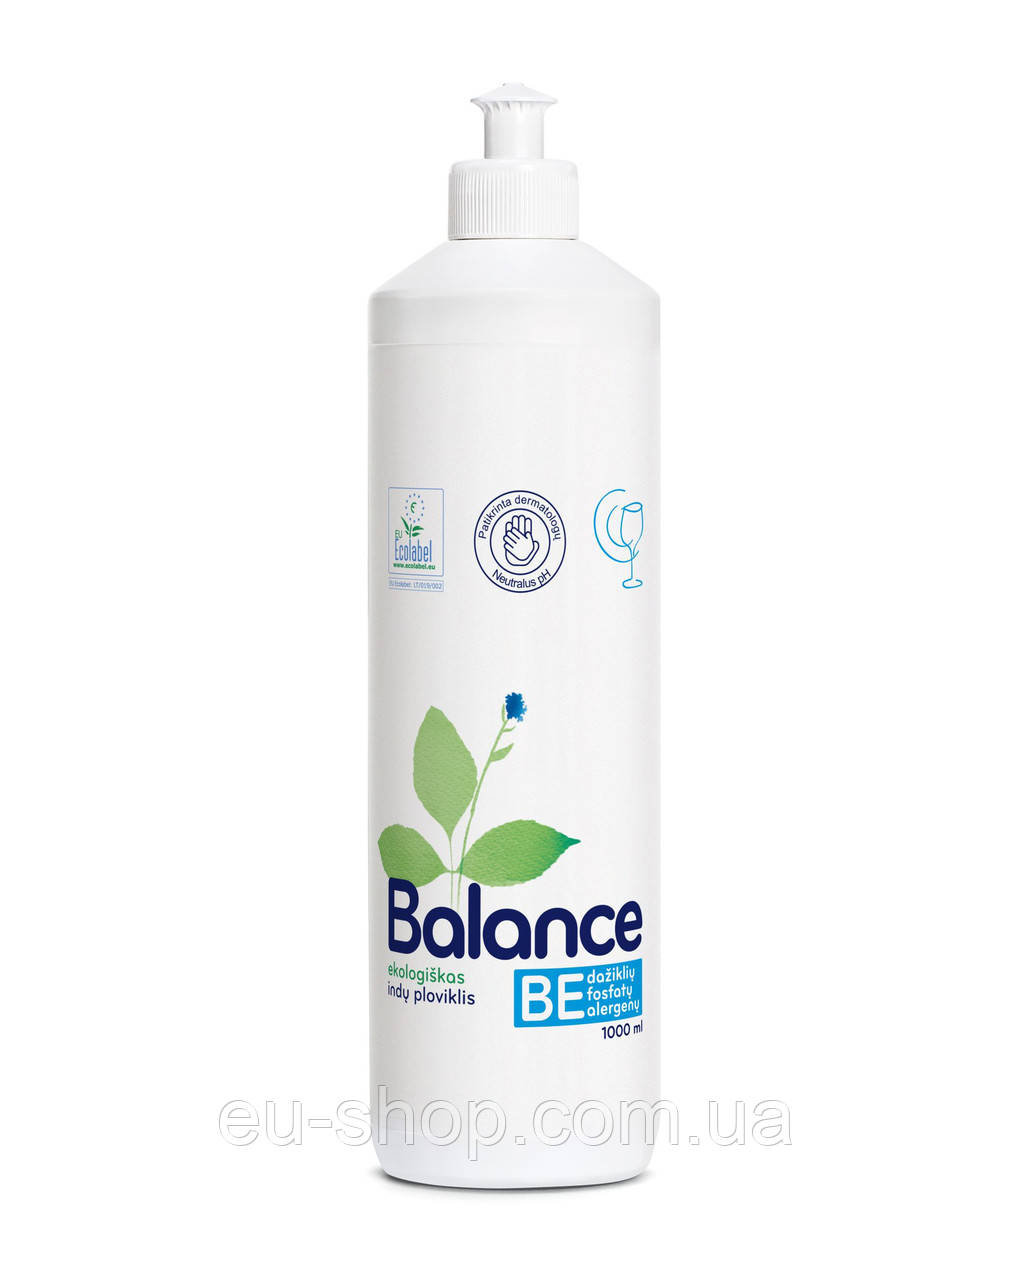 Средство для мытья посуды Balance 1 л, фото 1